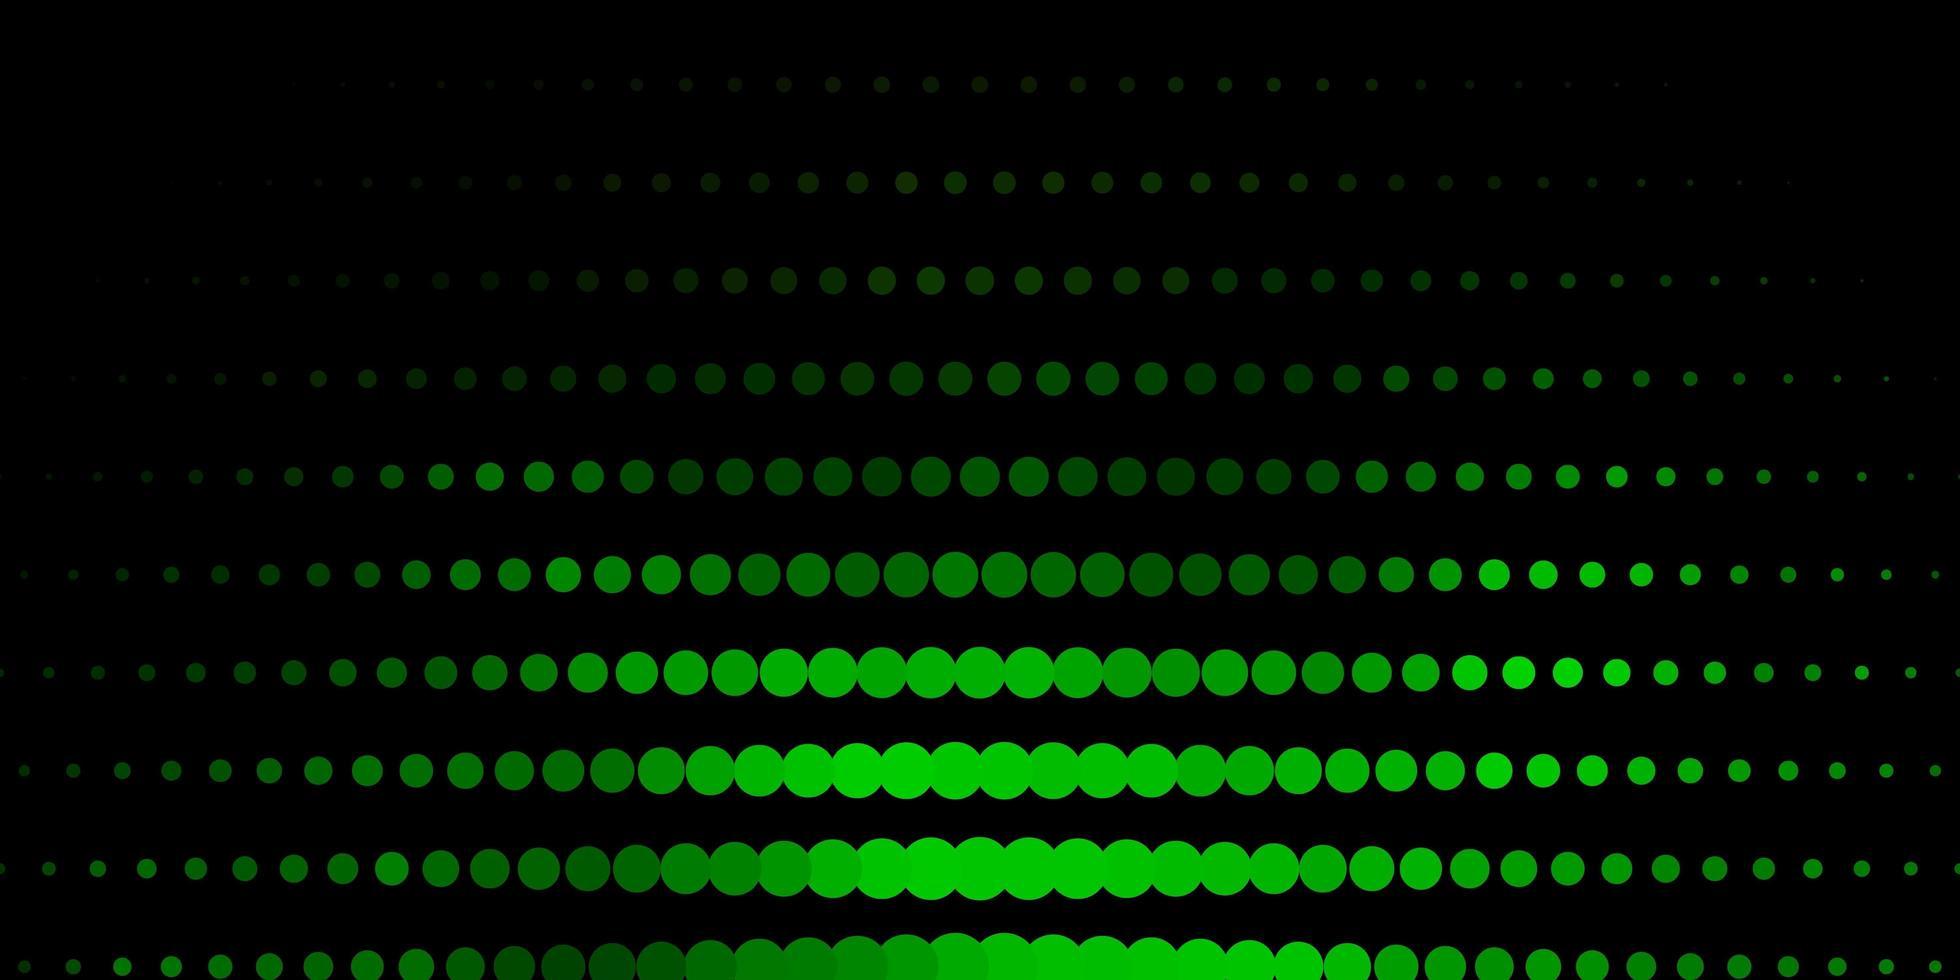 texture de vecteur vert foncé avec des disques.